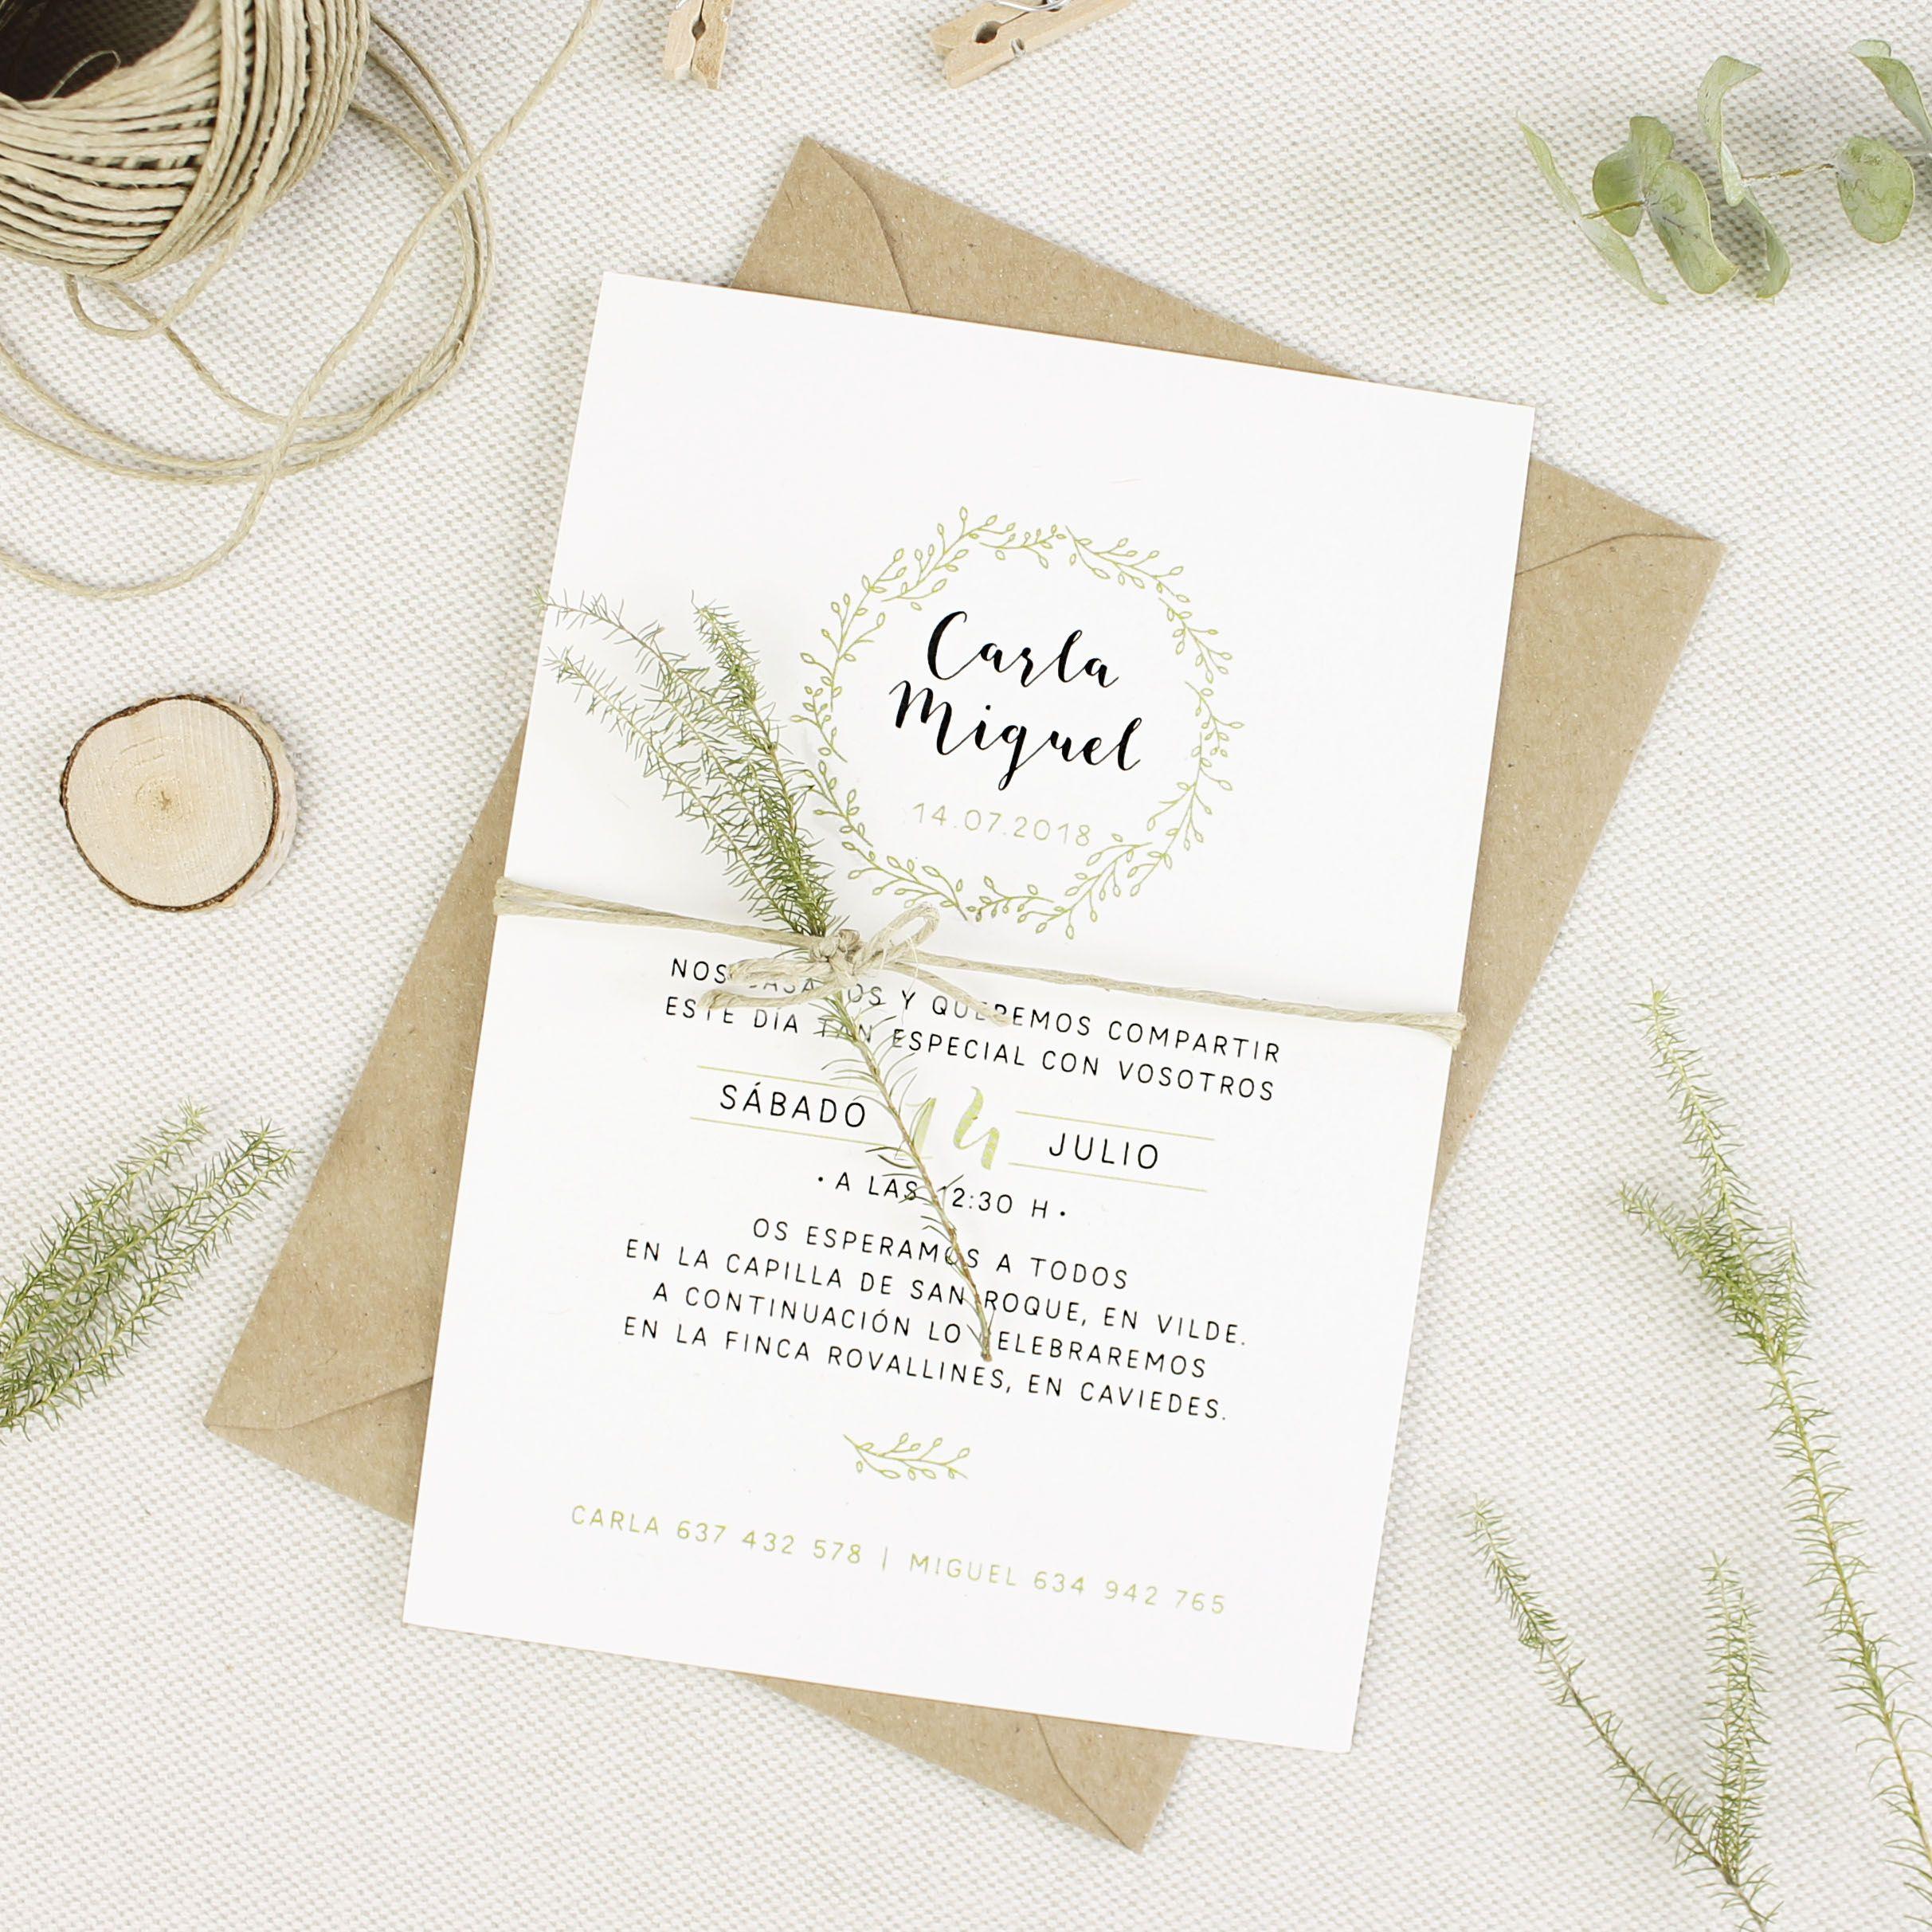 Invitaci n boda corona verde en 2019 bodas - Bodas sencillas y romanticas ...